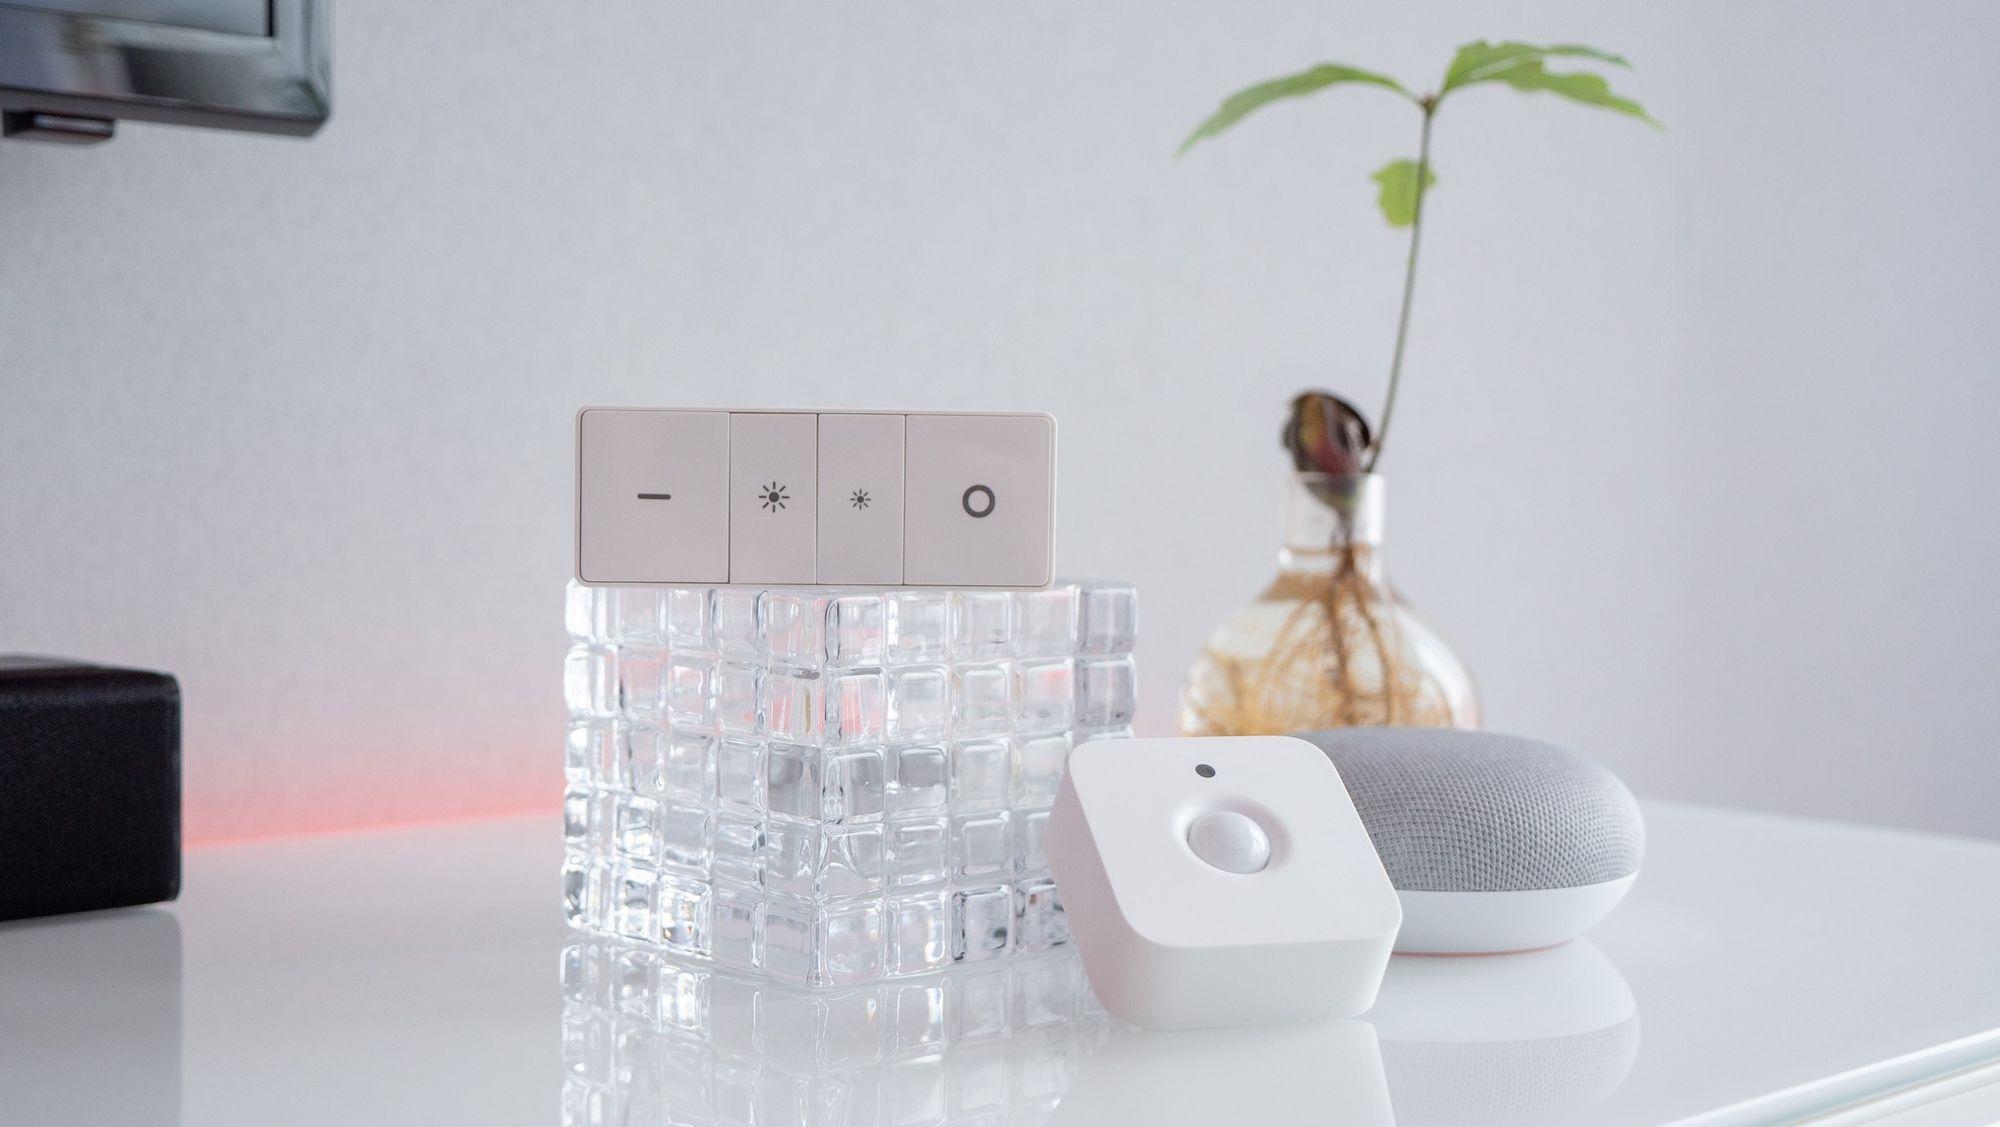 ANNONSE: Smartbelysning – slik fungerer og påvirker det deg